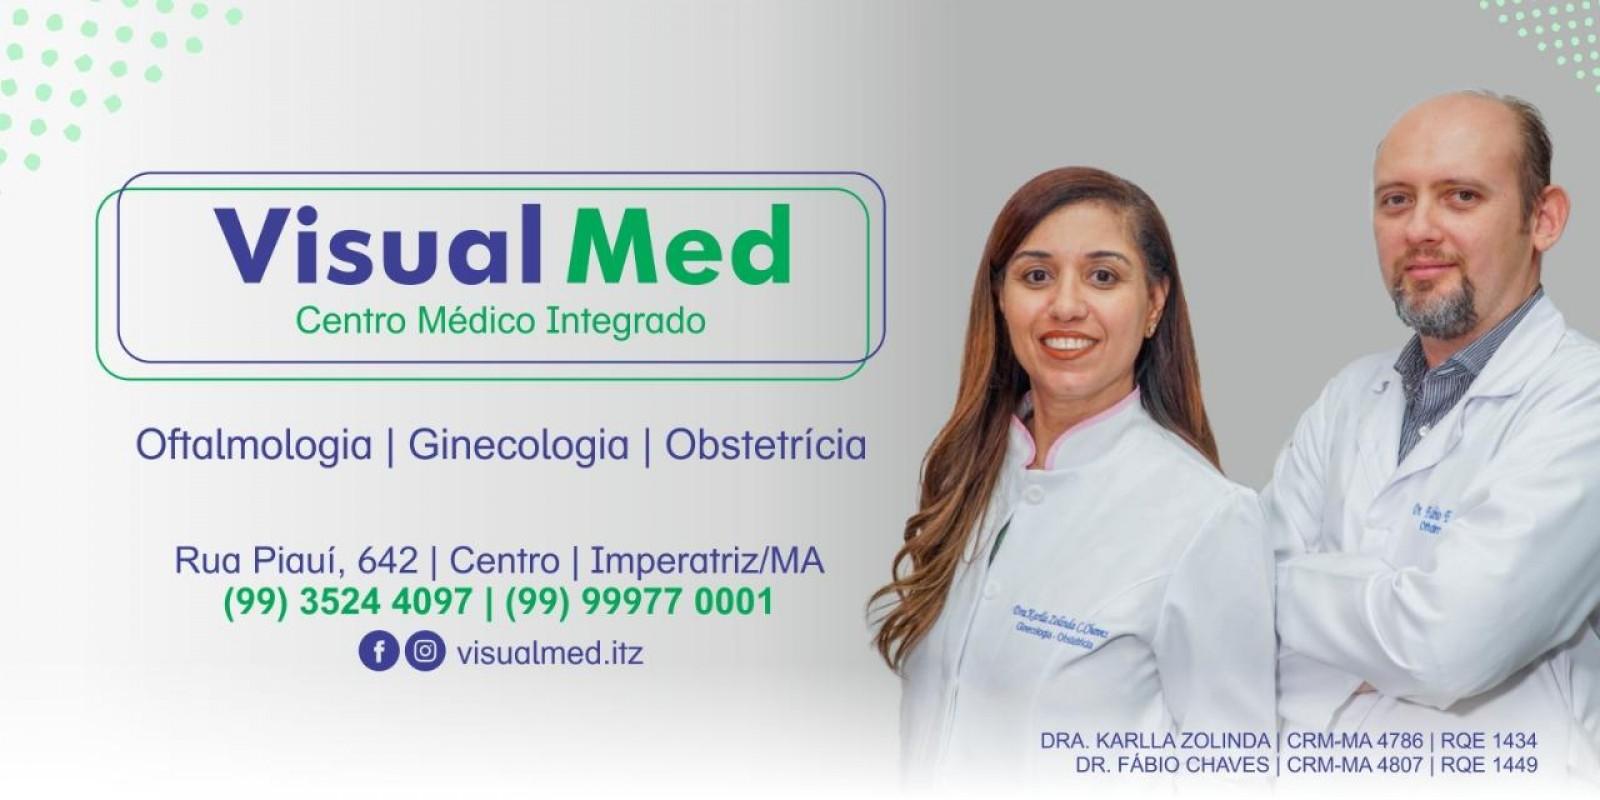 Dr. Fábio Chaves